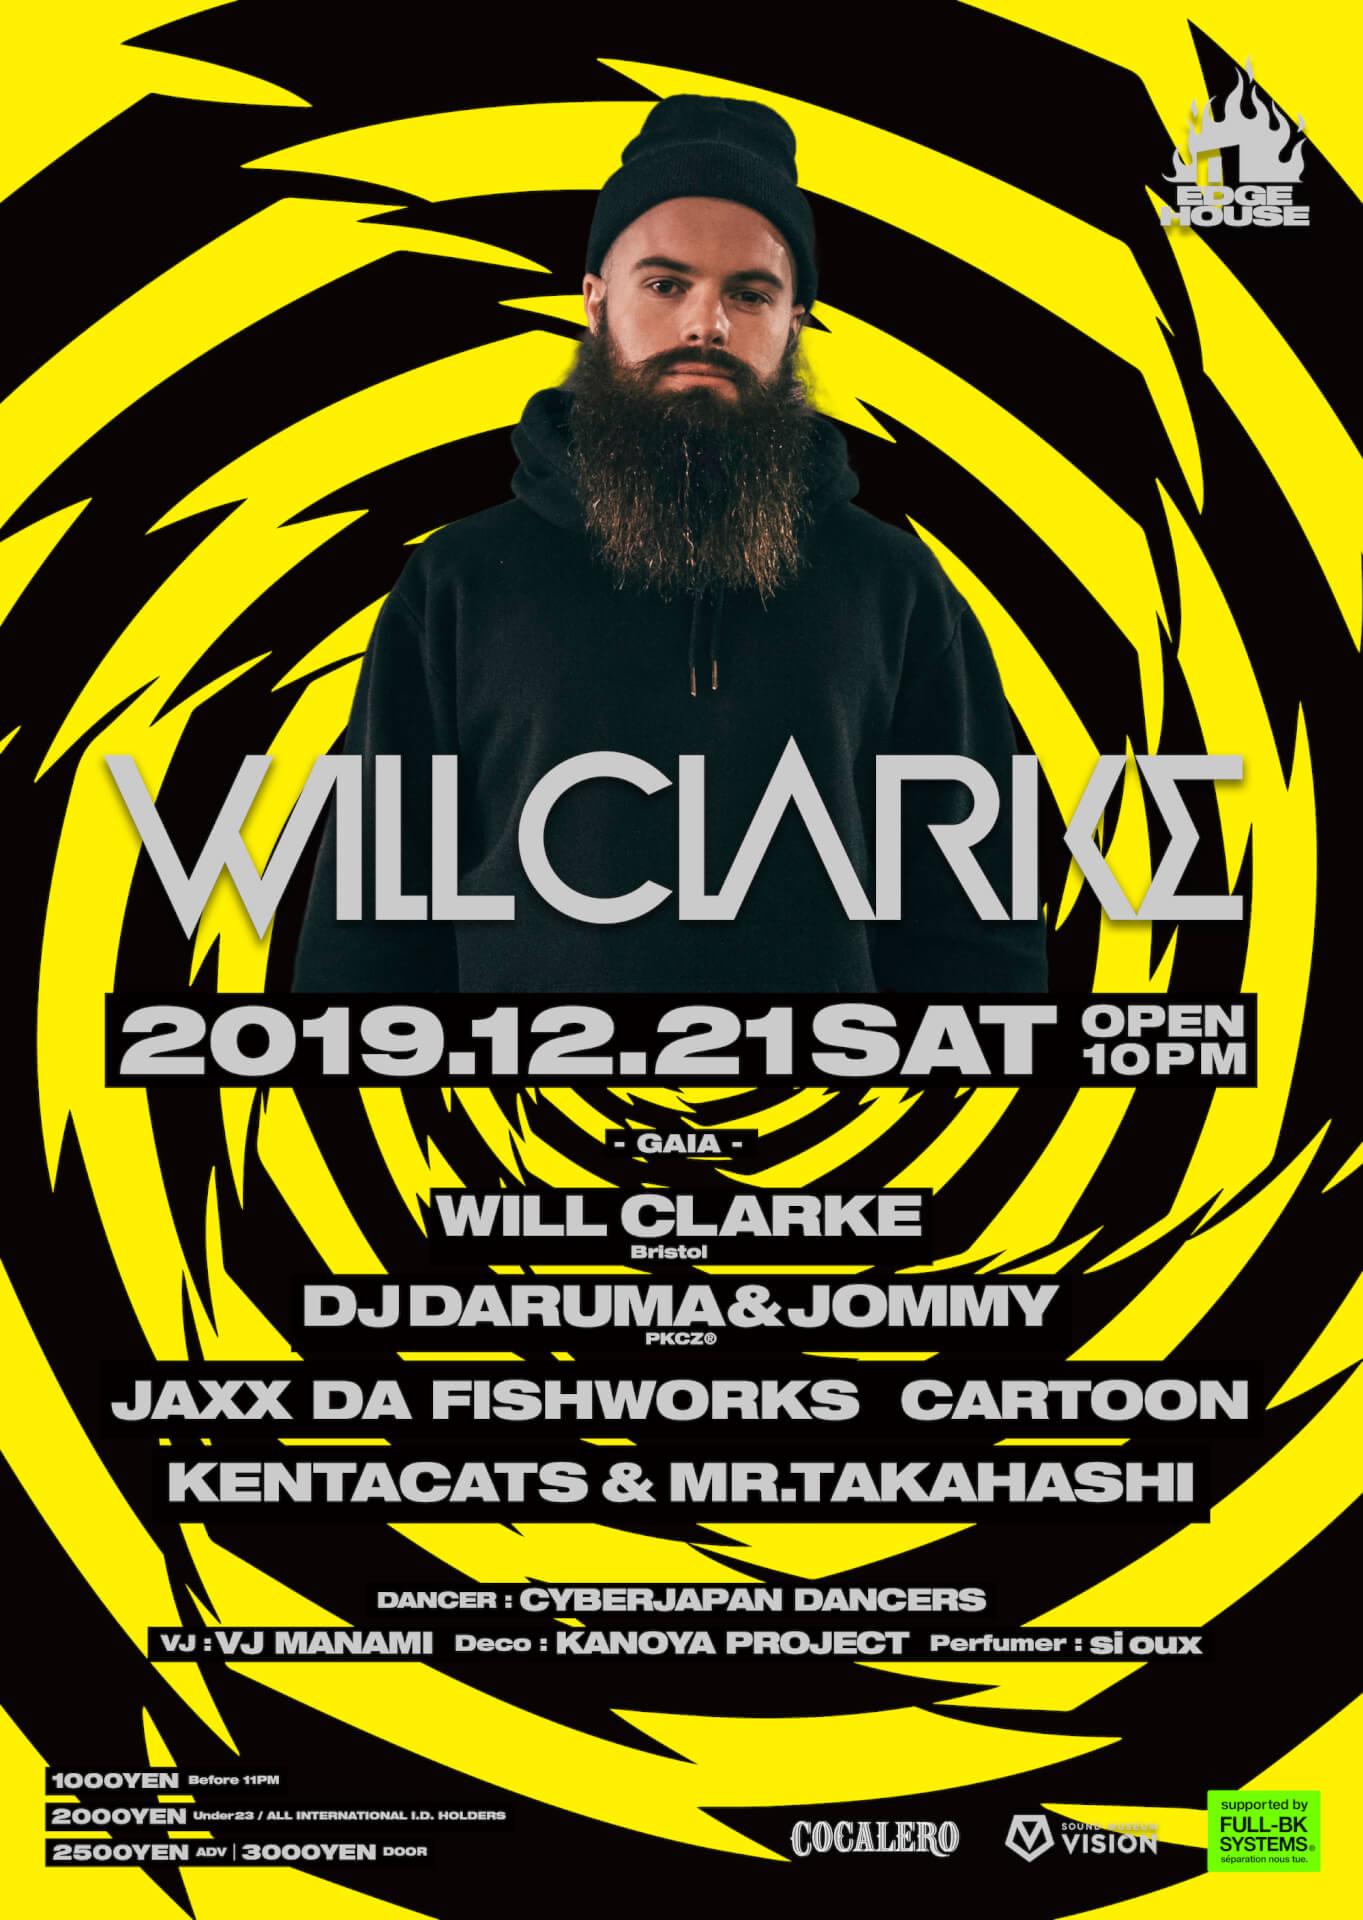 イギリスから実力派DJウィル・クラークが再来日、渋谷VISIONで開催される<EDGE HOUSE>に登場 poster_design1